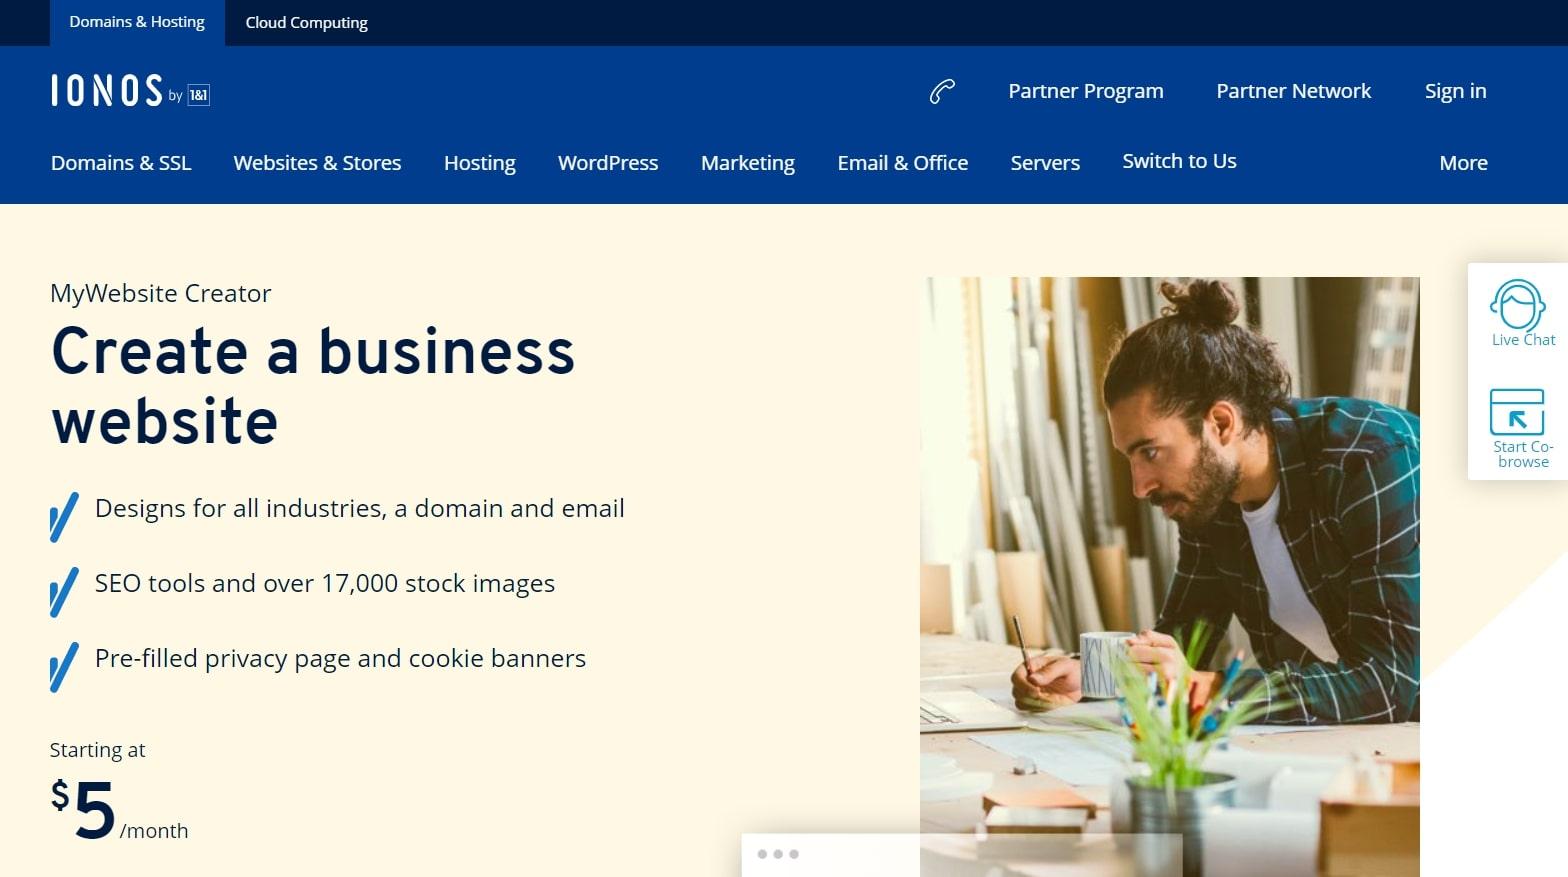 1&1 IONOS MyWebsite's homepage